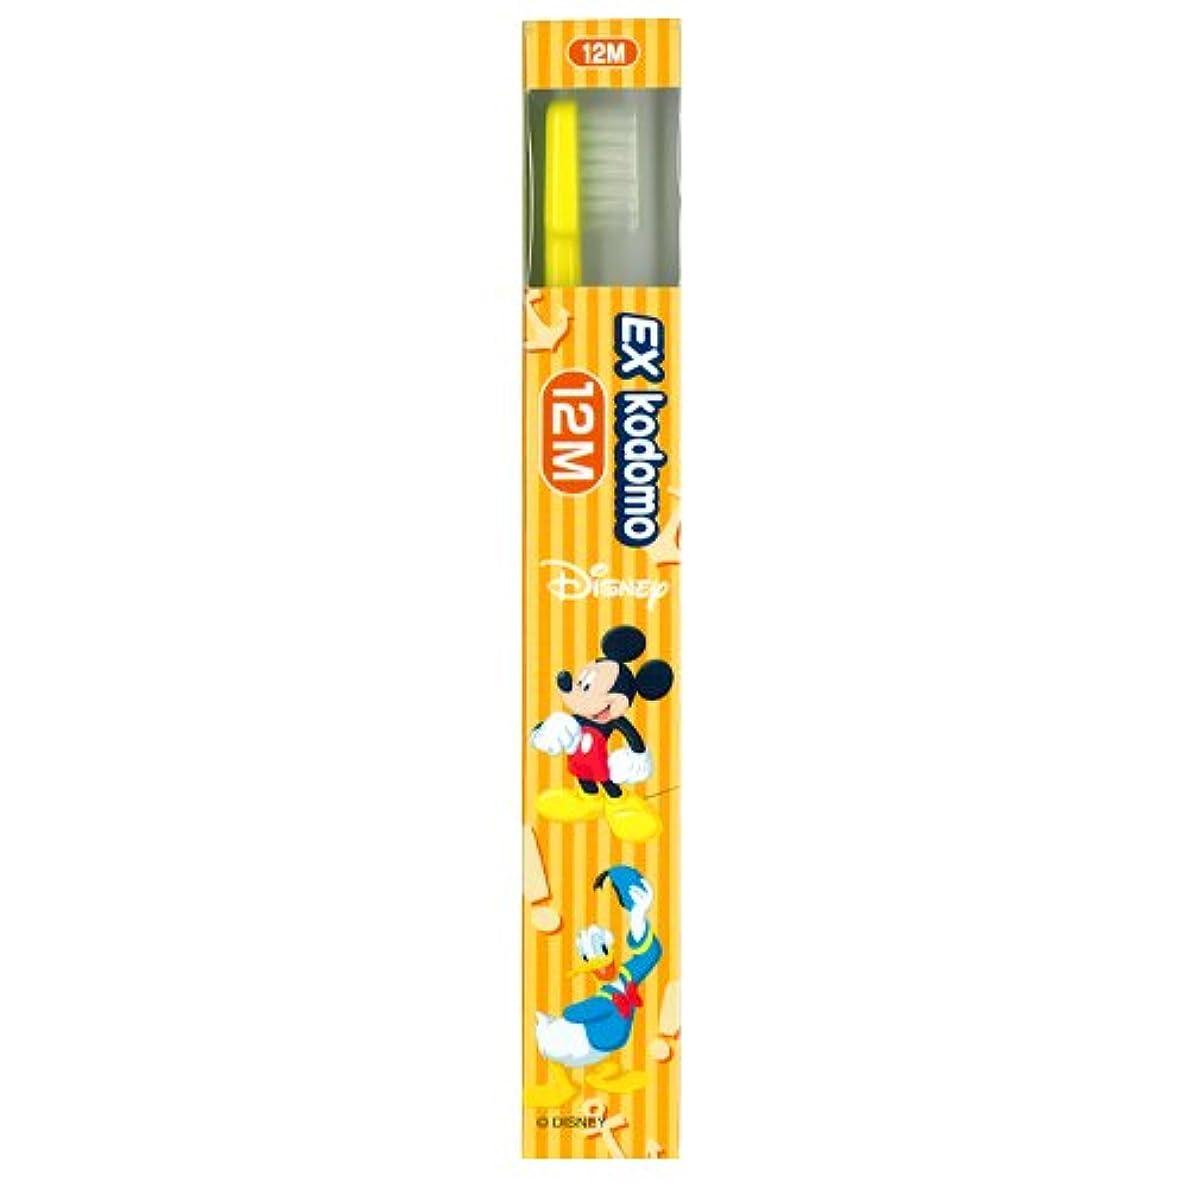 私たちのものフォーカス支配するライオン EX kodomo ディズニー 歯ブラシ 1本 12M イエロー